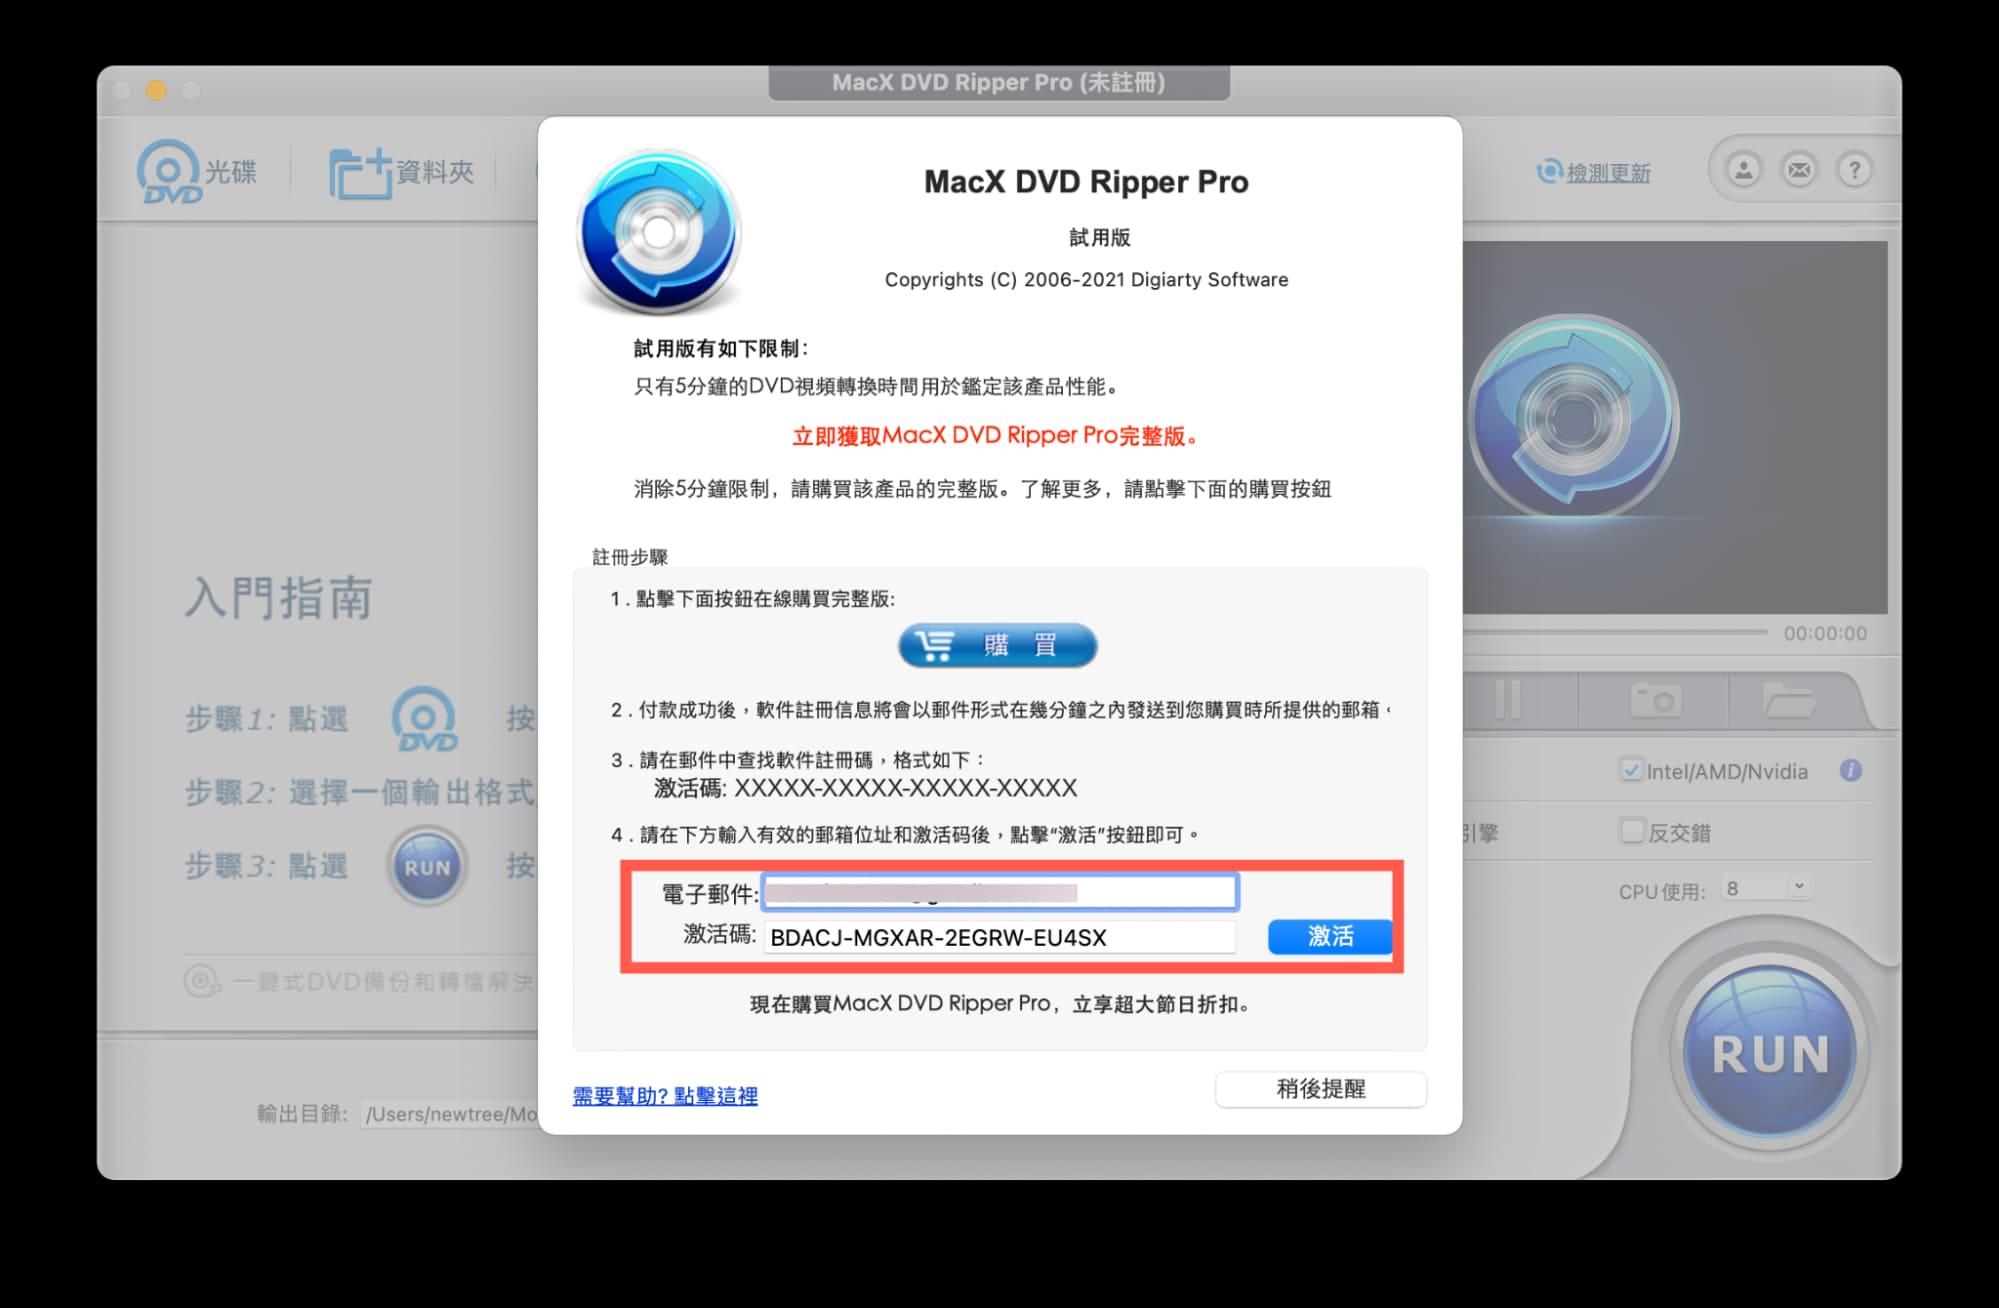 如何取得 MacX DVD Ripper Pro 序號2